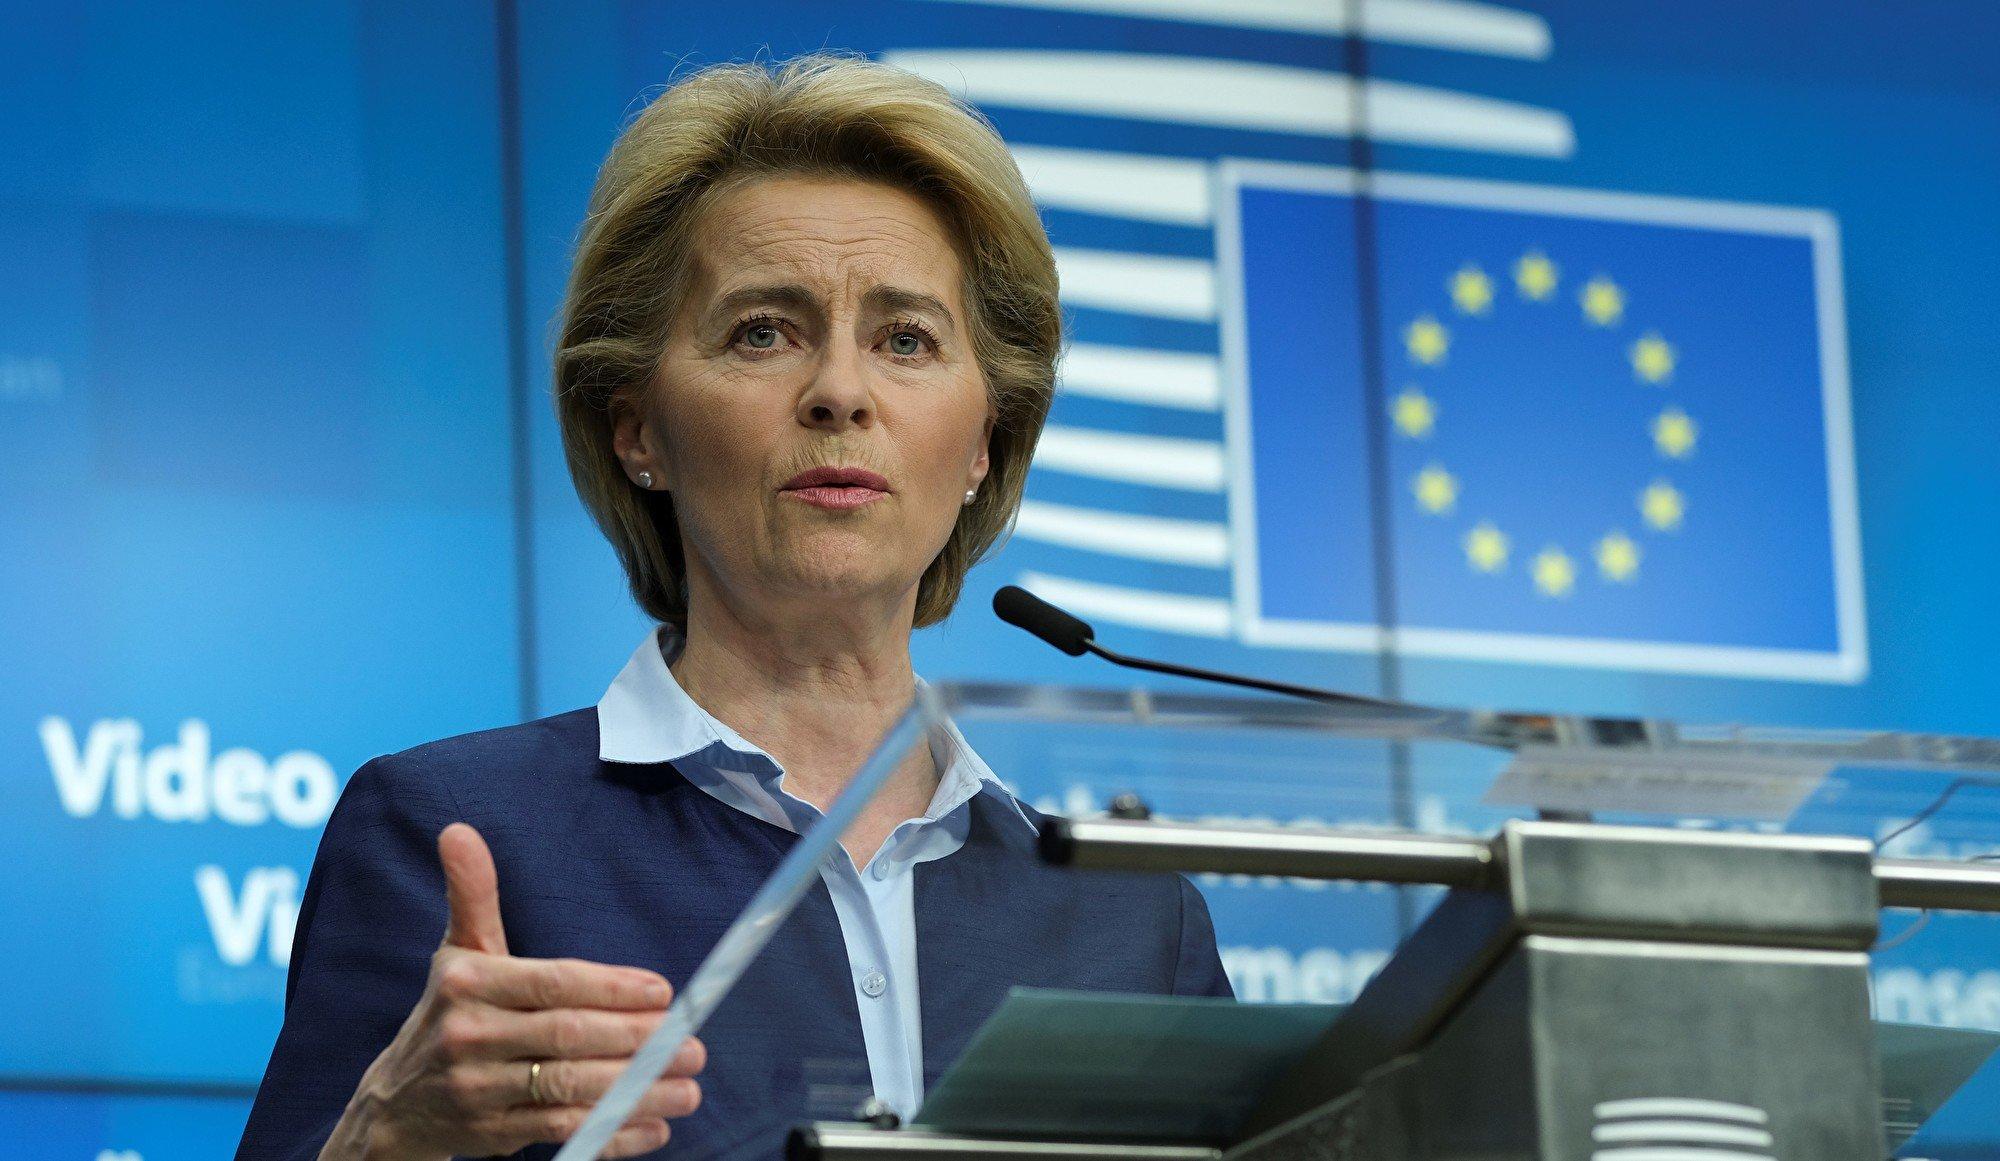 歐盟委員會主席烏爾蘇拉.馮德萊恩(Ursula von der Leyen)支持對中共病毒起源進行深入調查。圖為 (Photo by Olivier HOSLET / EPA / AFP)